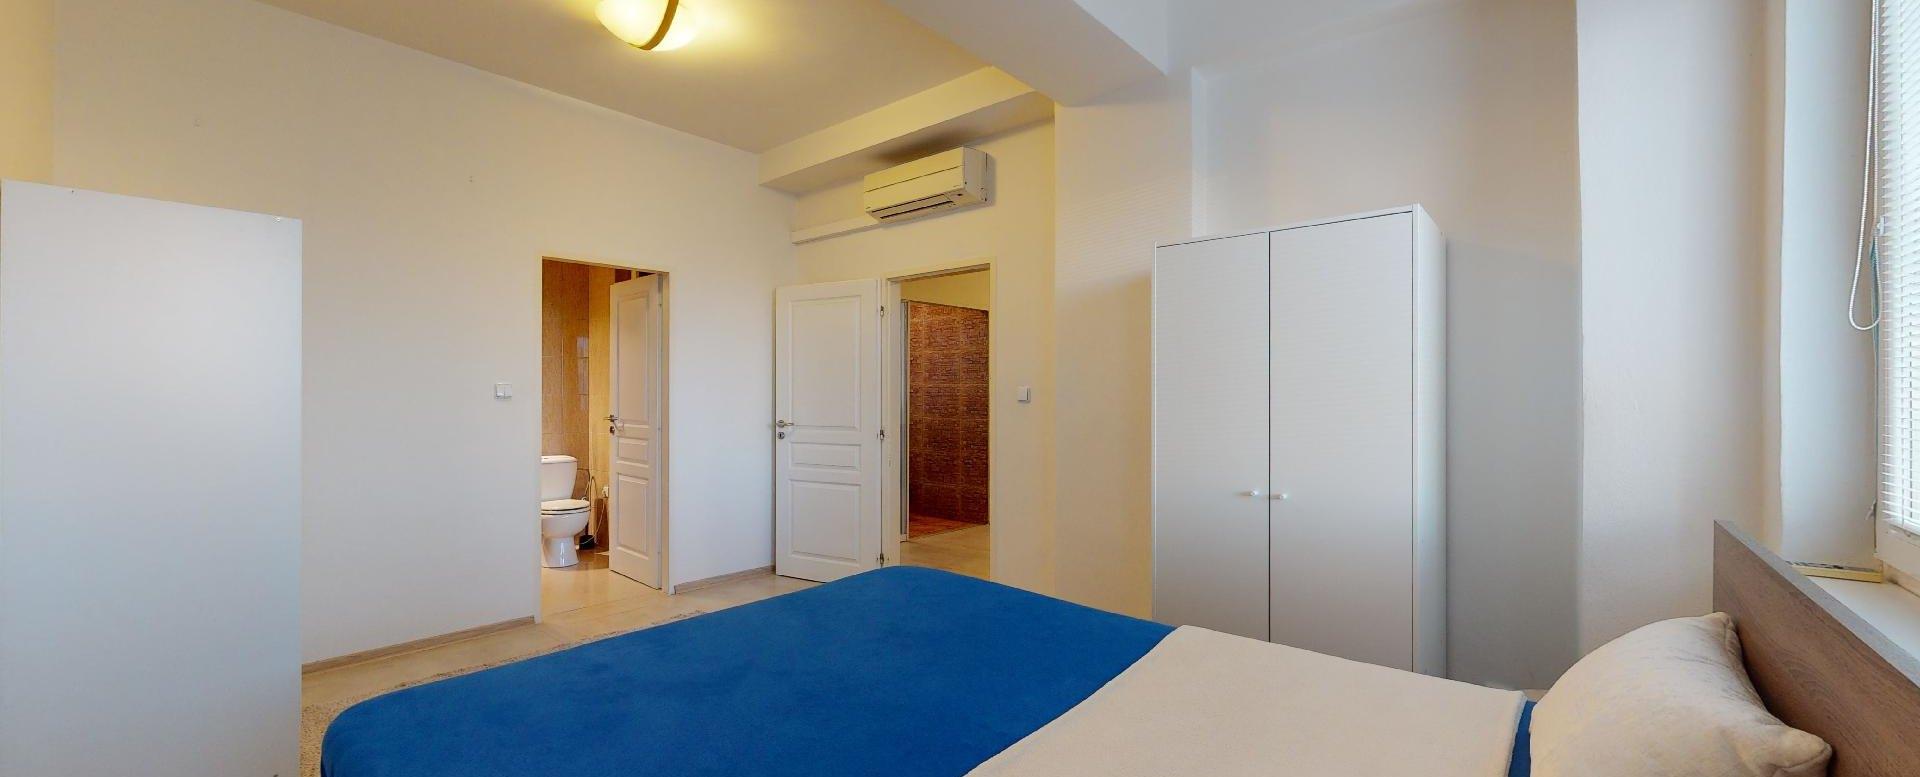 Pohľad na spálňu so skriňami a klimatizáciou 2-izbového bytu v Manderláku